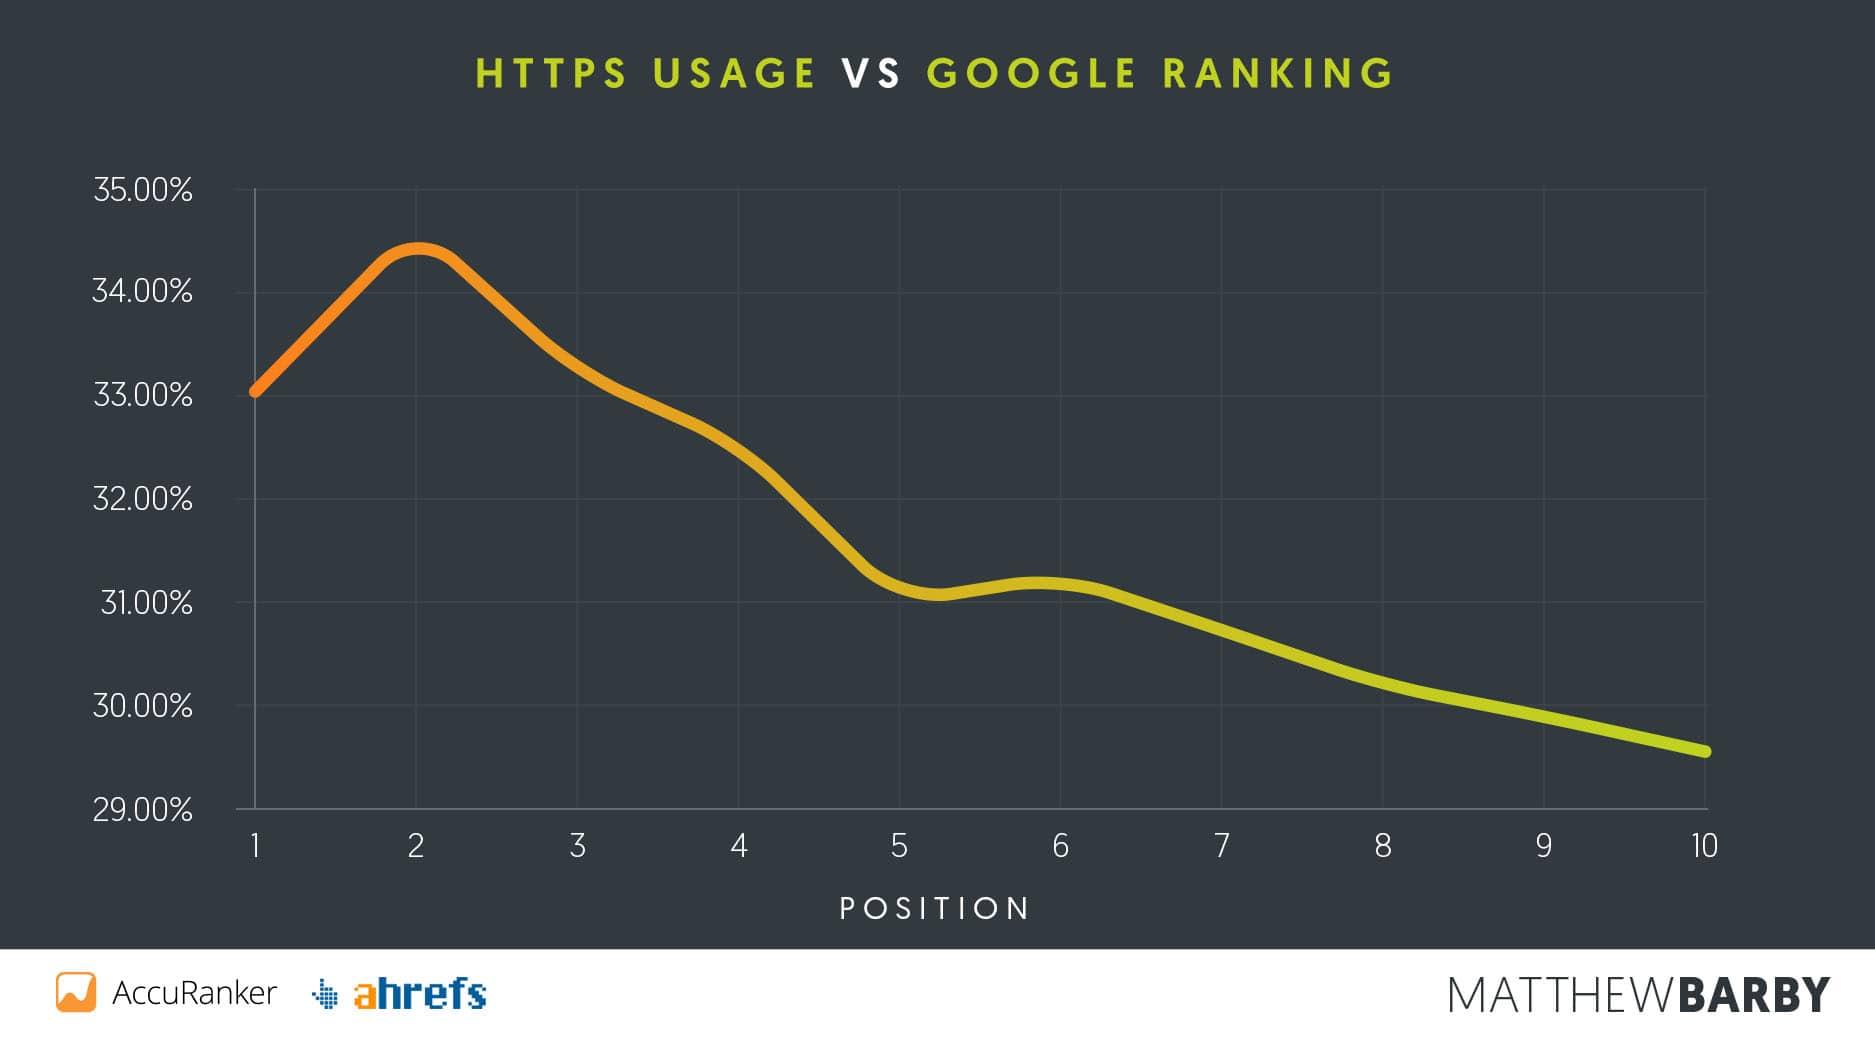 Utilizzo di HTTPS rispetto al ranking di Google